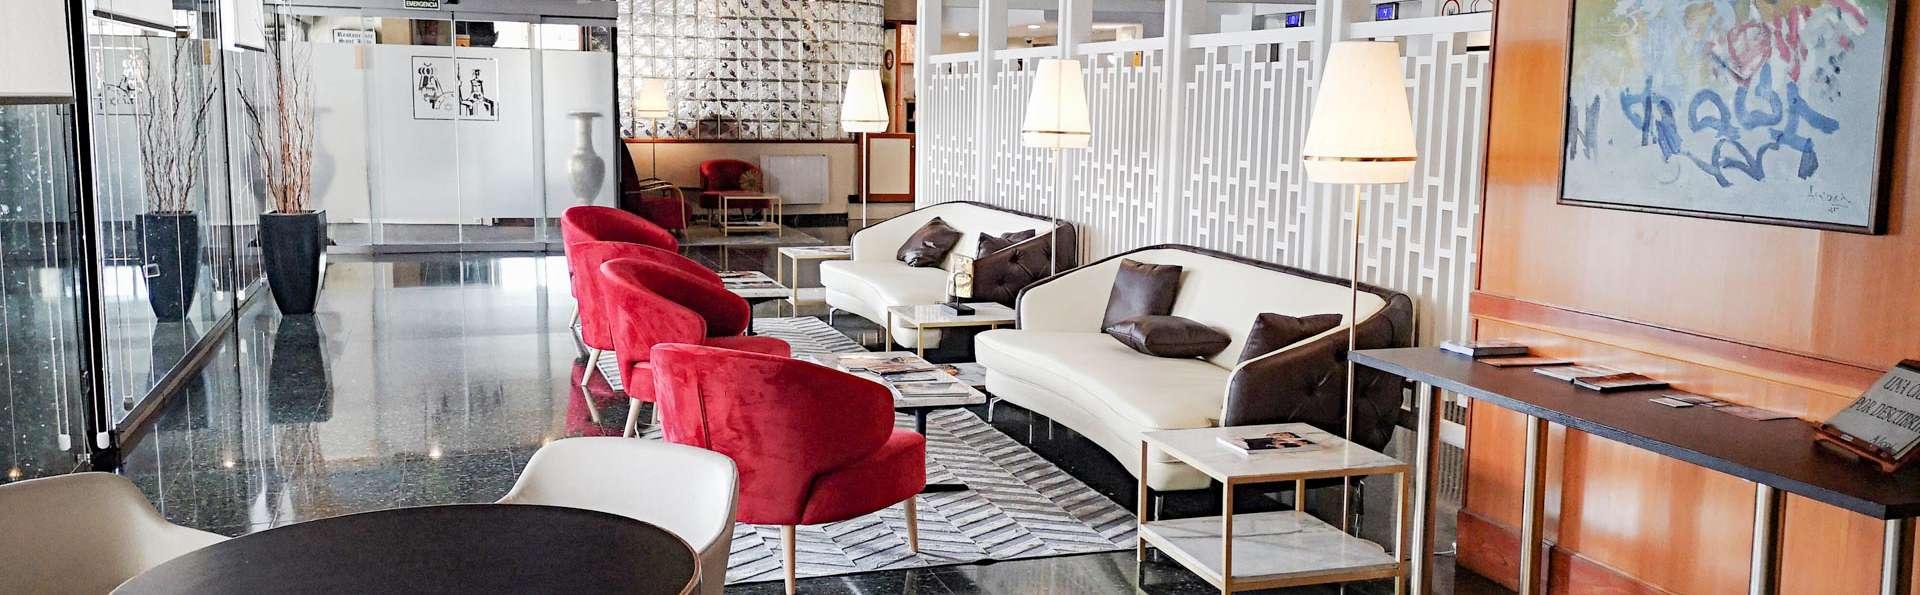 Hotel Reconquista - EDIT_N2_LOBBY_01.jpg